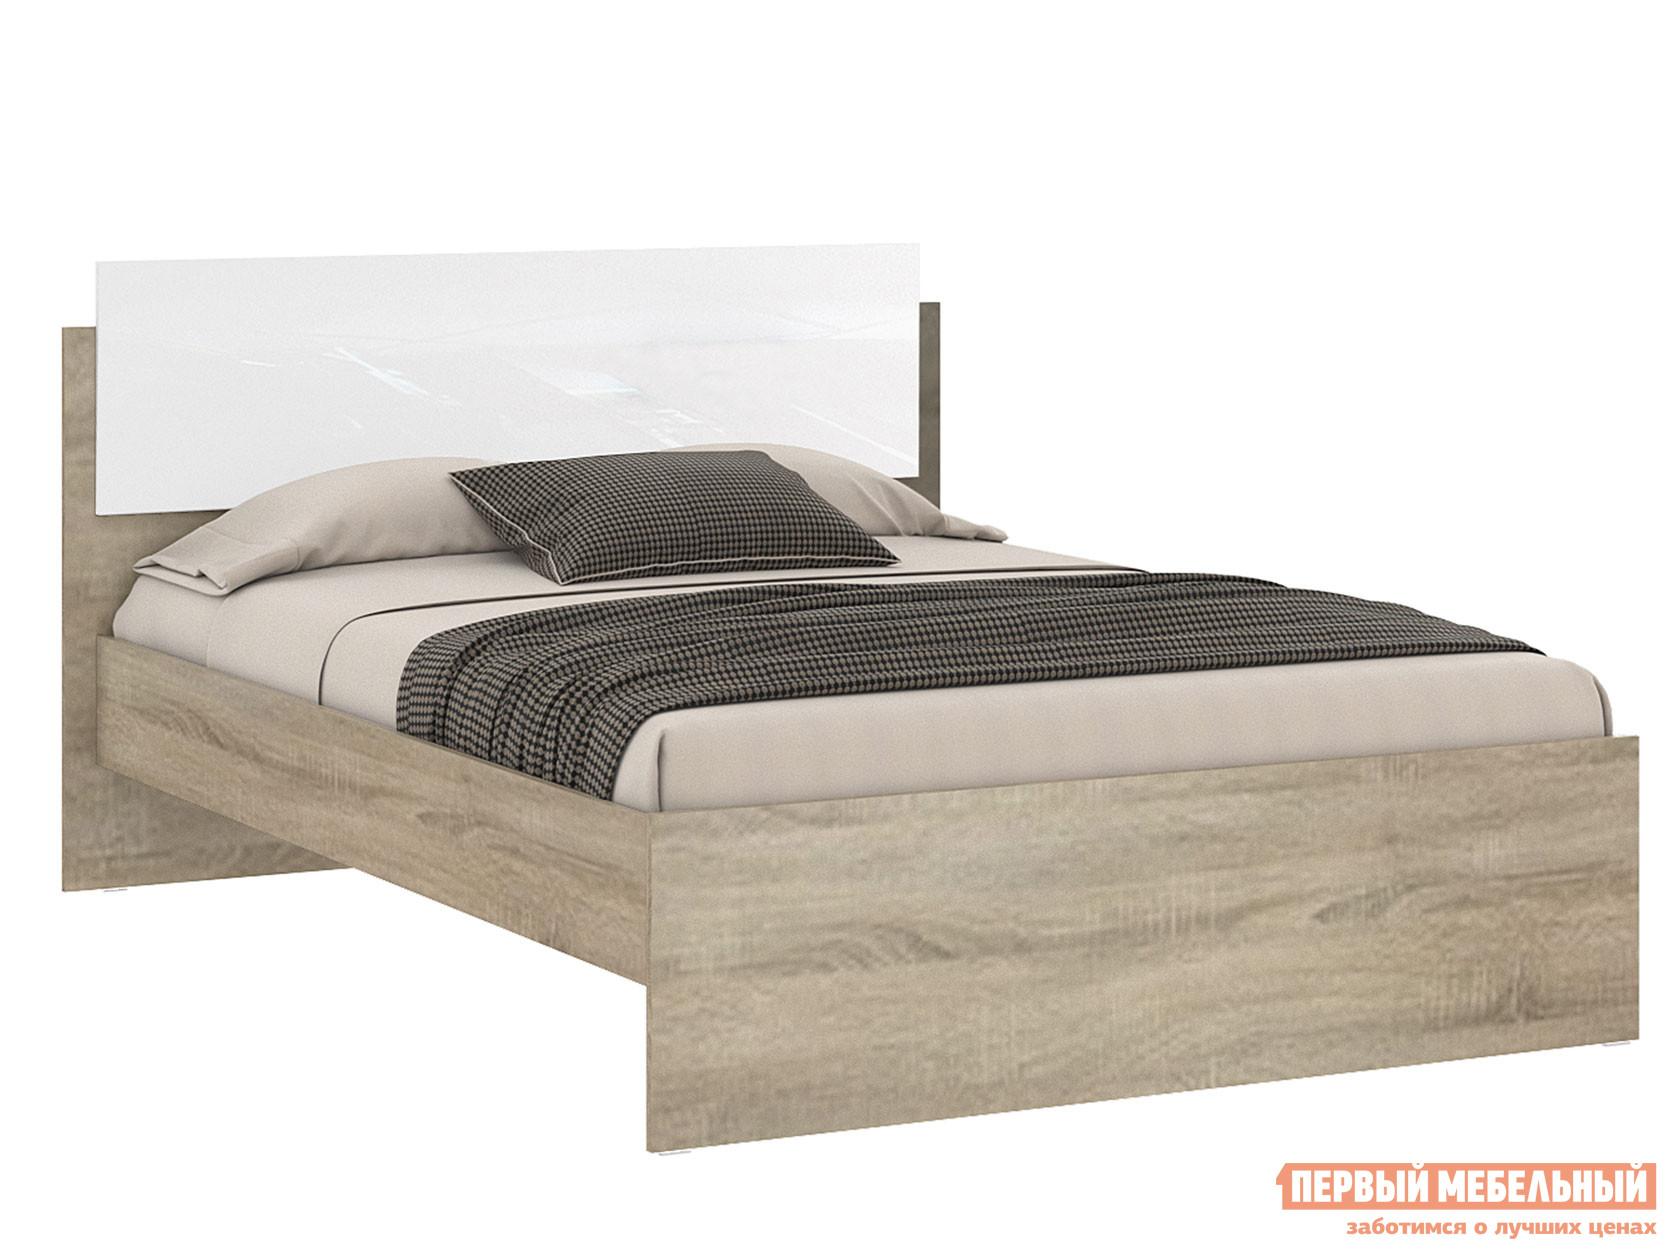 Двуспальная кровать  Бланка 72250071 / 72250072 Дуб Сонома Белый глянец, 1400 Х 2000 мм НКМ 107621